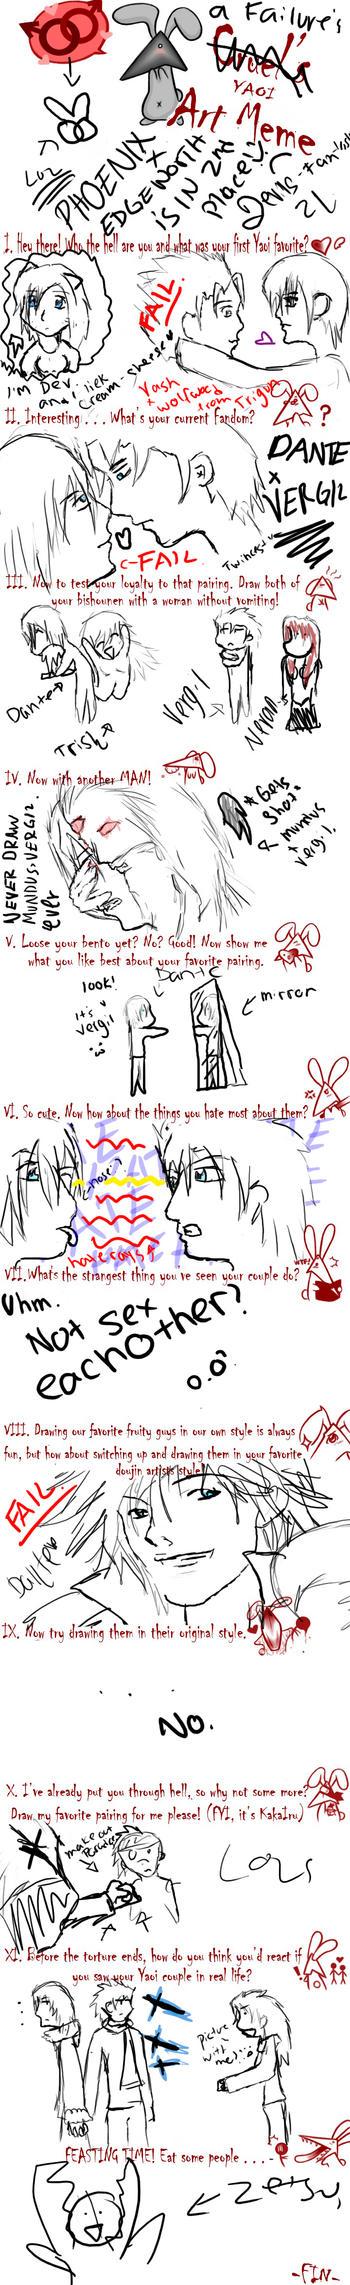 Yaoi art meme by Devils-Fantasy21